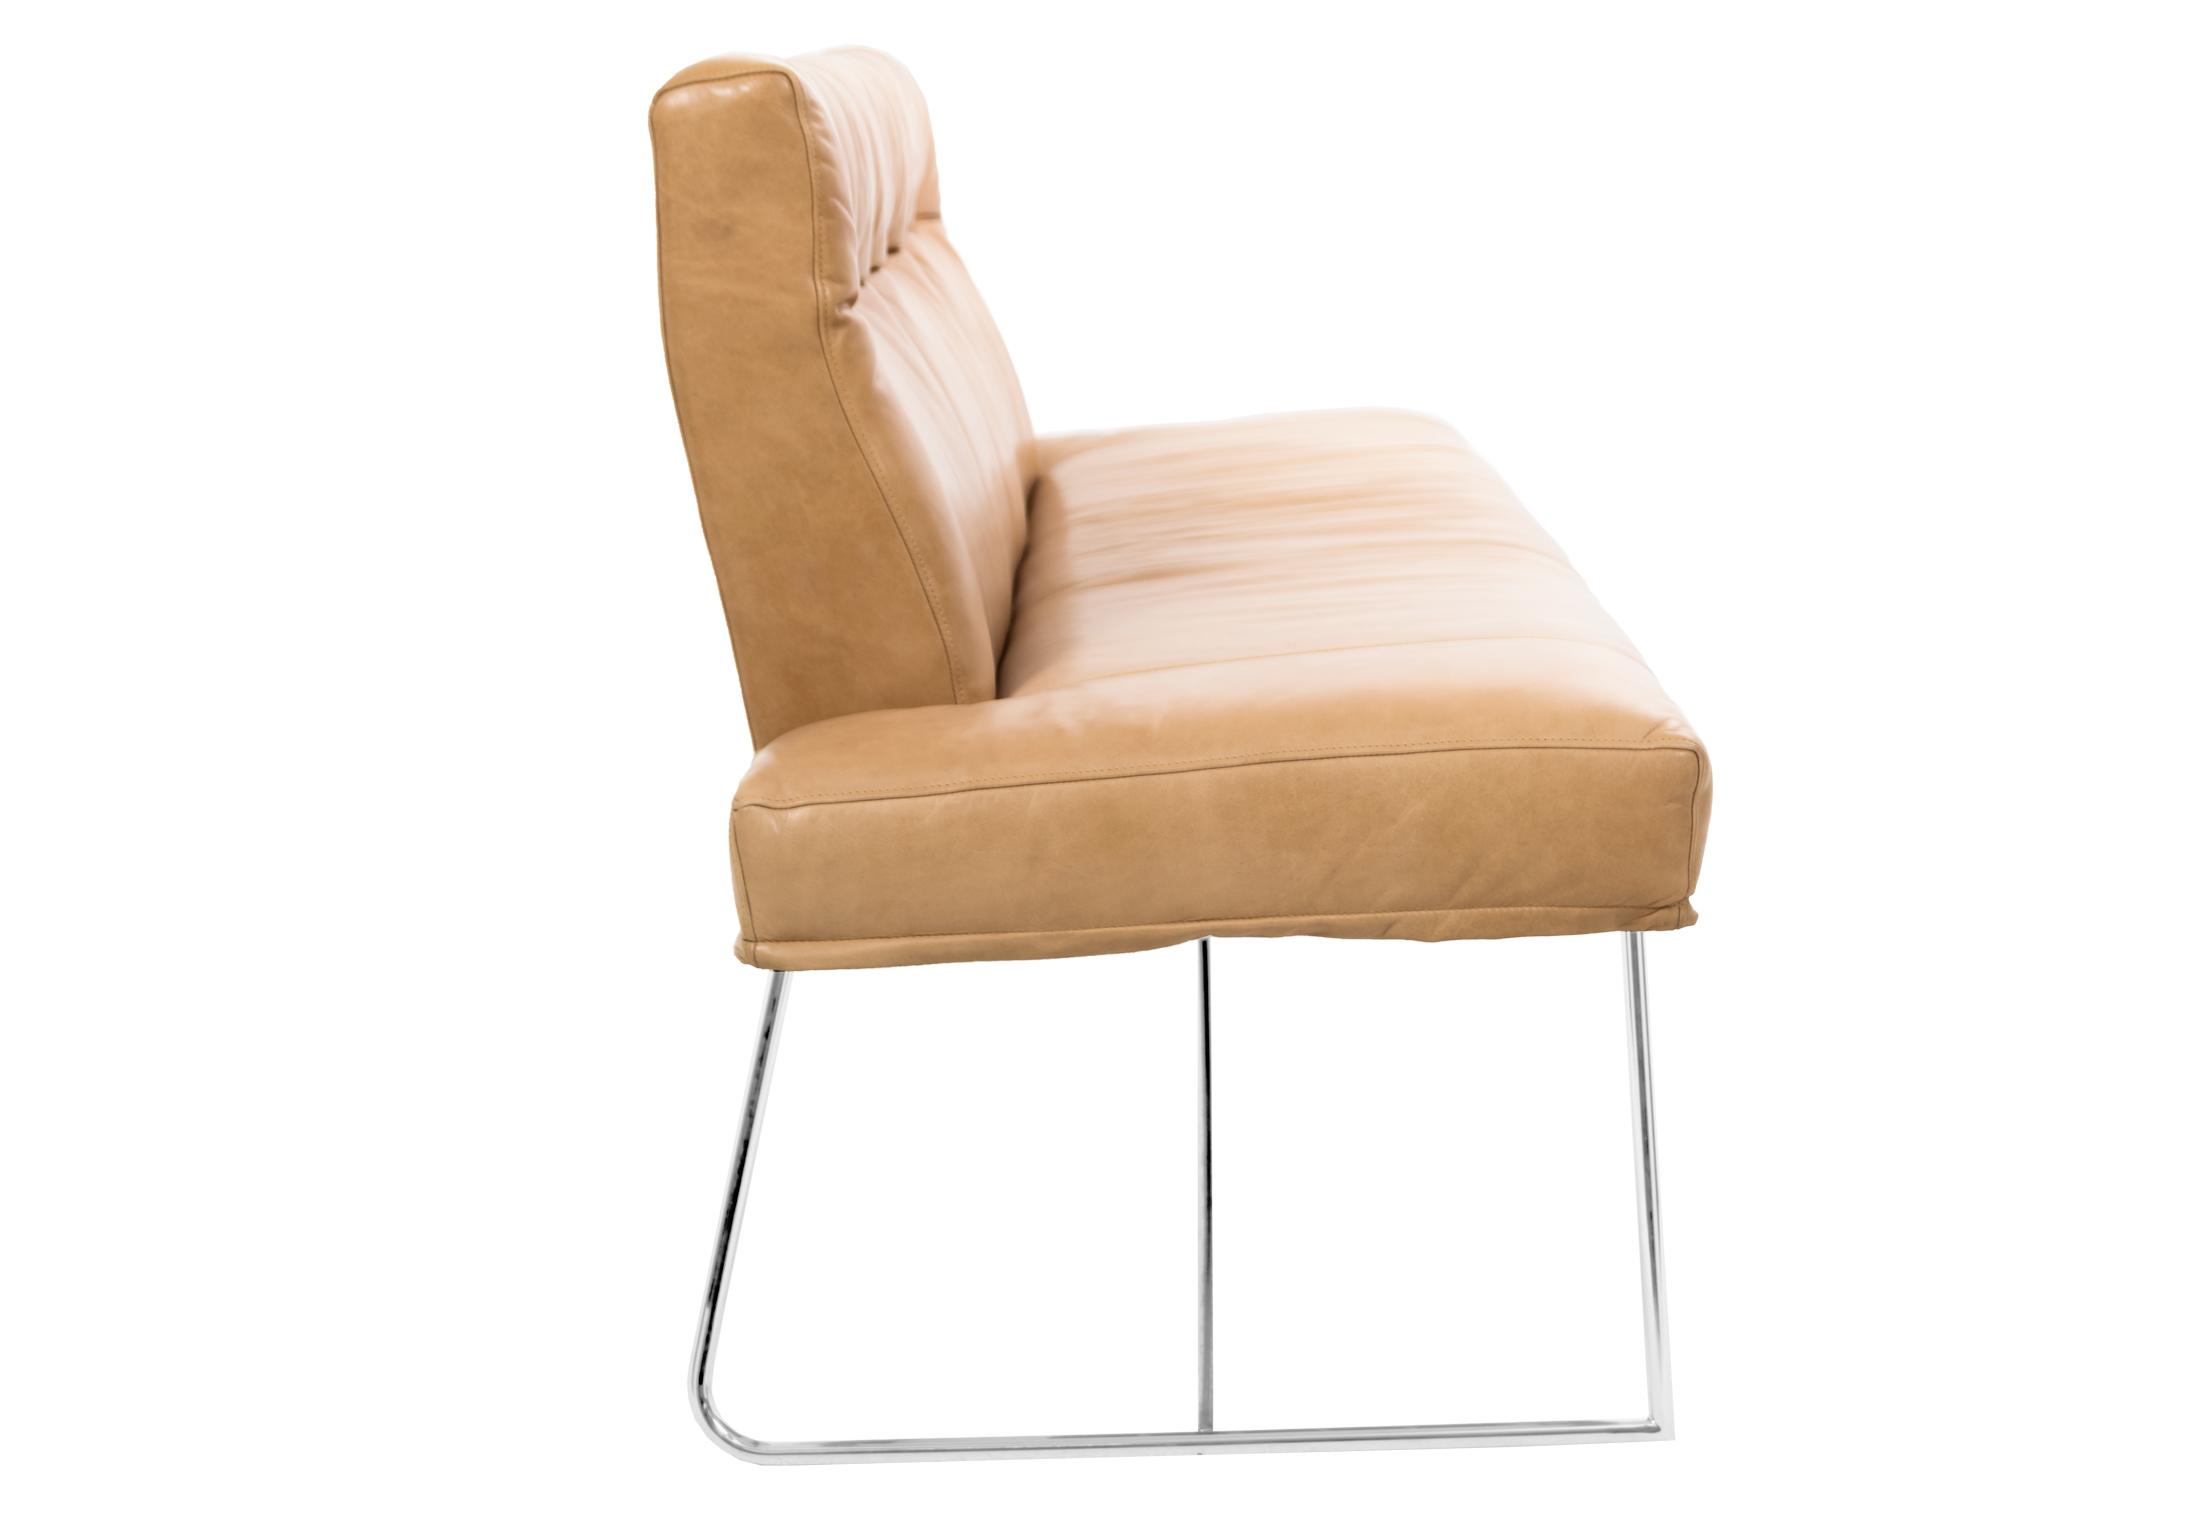 d light bench by kff stylepark. Black Bedroom Furniture Sets. Home Design Ideas